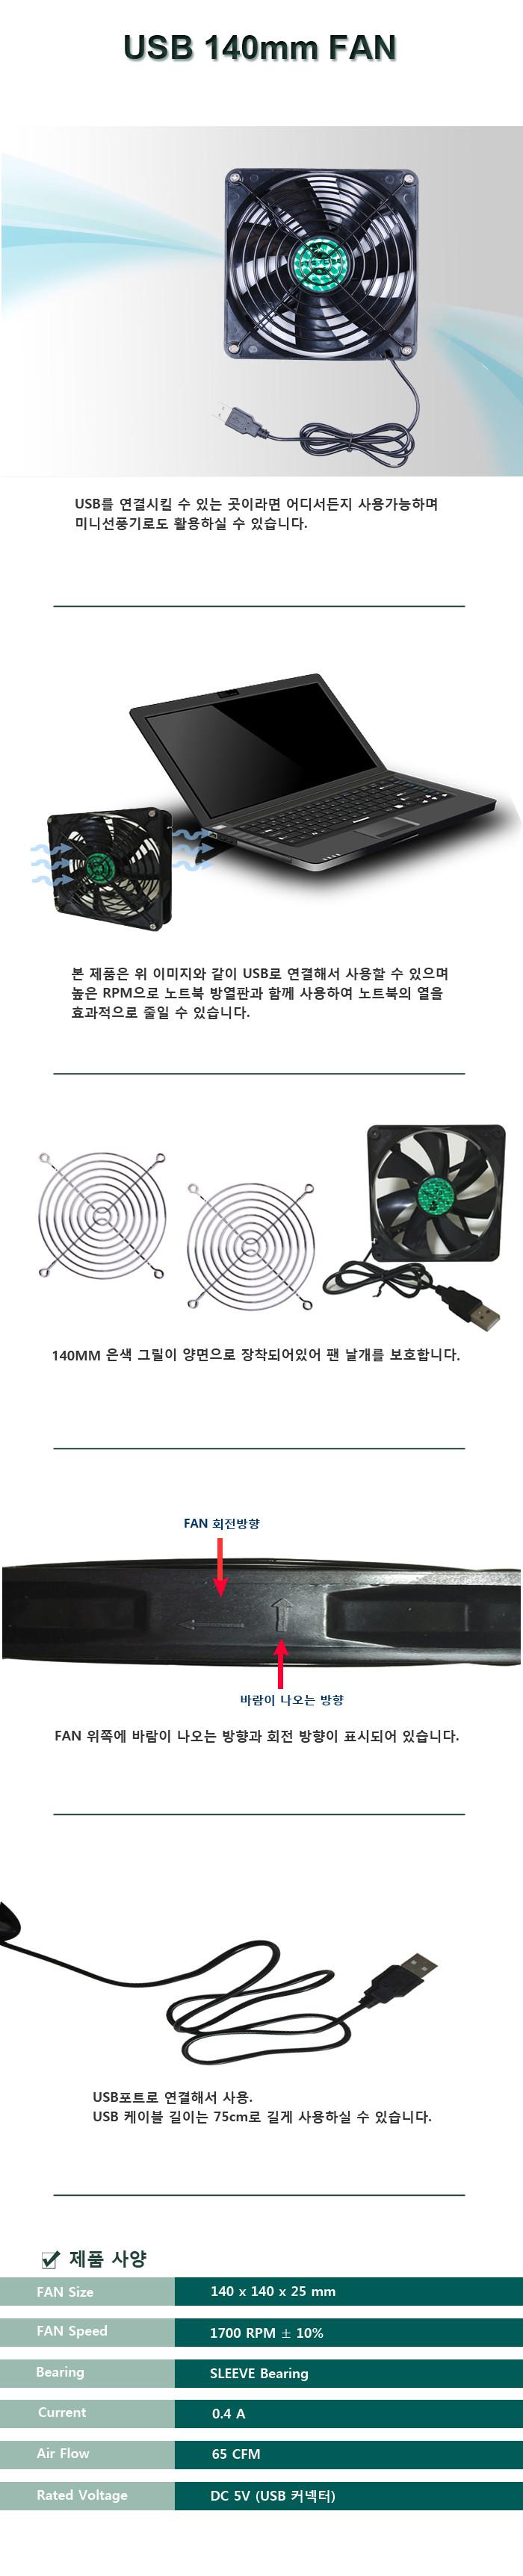 STstore 140mm USB Fan